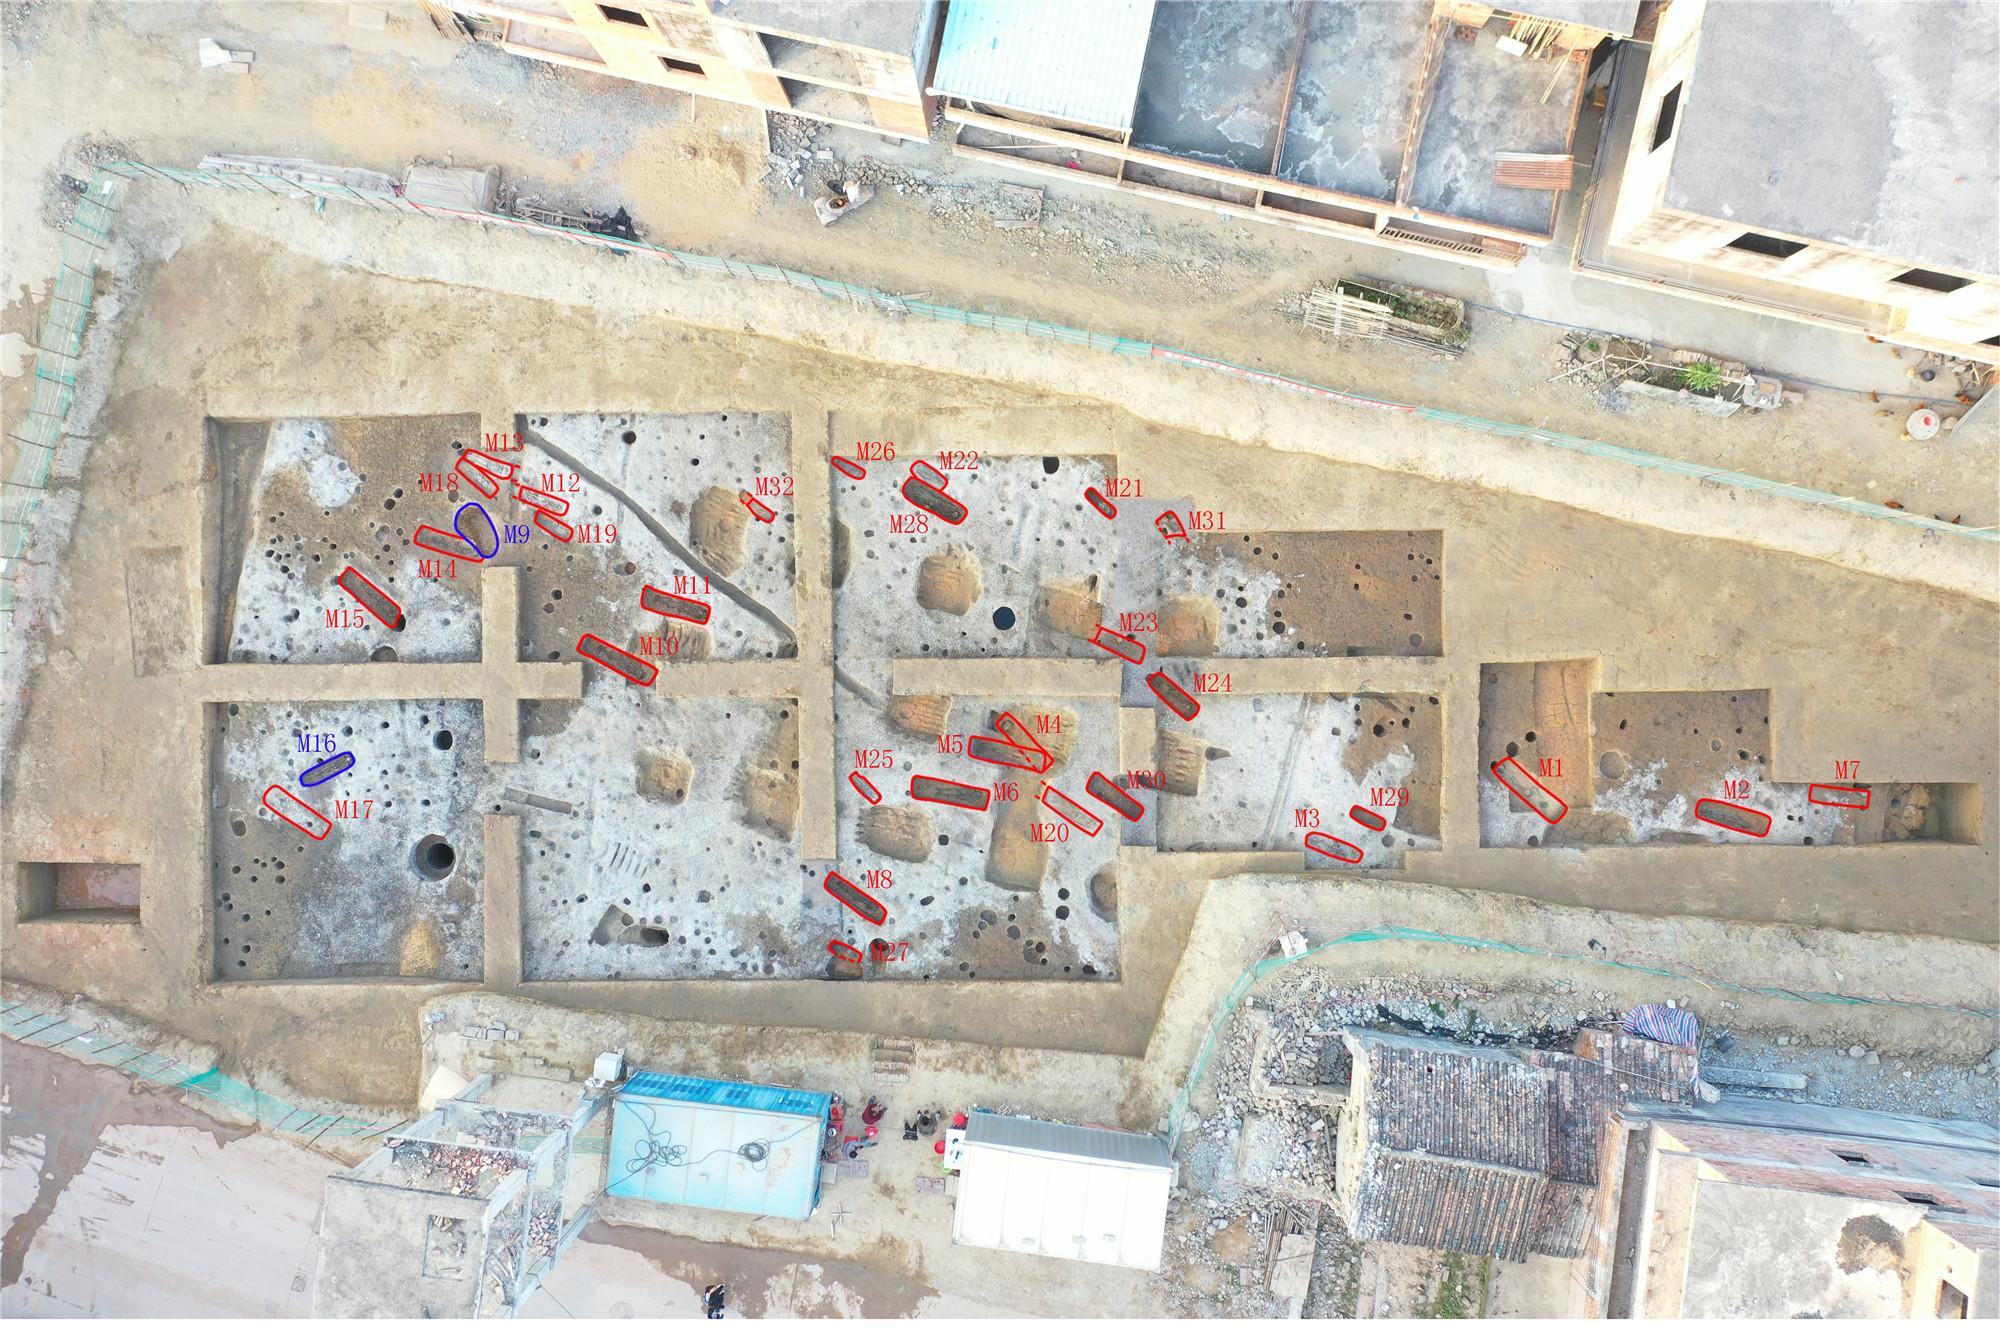 【视频】广州金兰寺遗址出土古人类遗骸增至34具,其中包含小孩遗骸